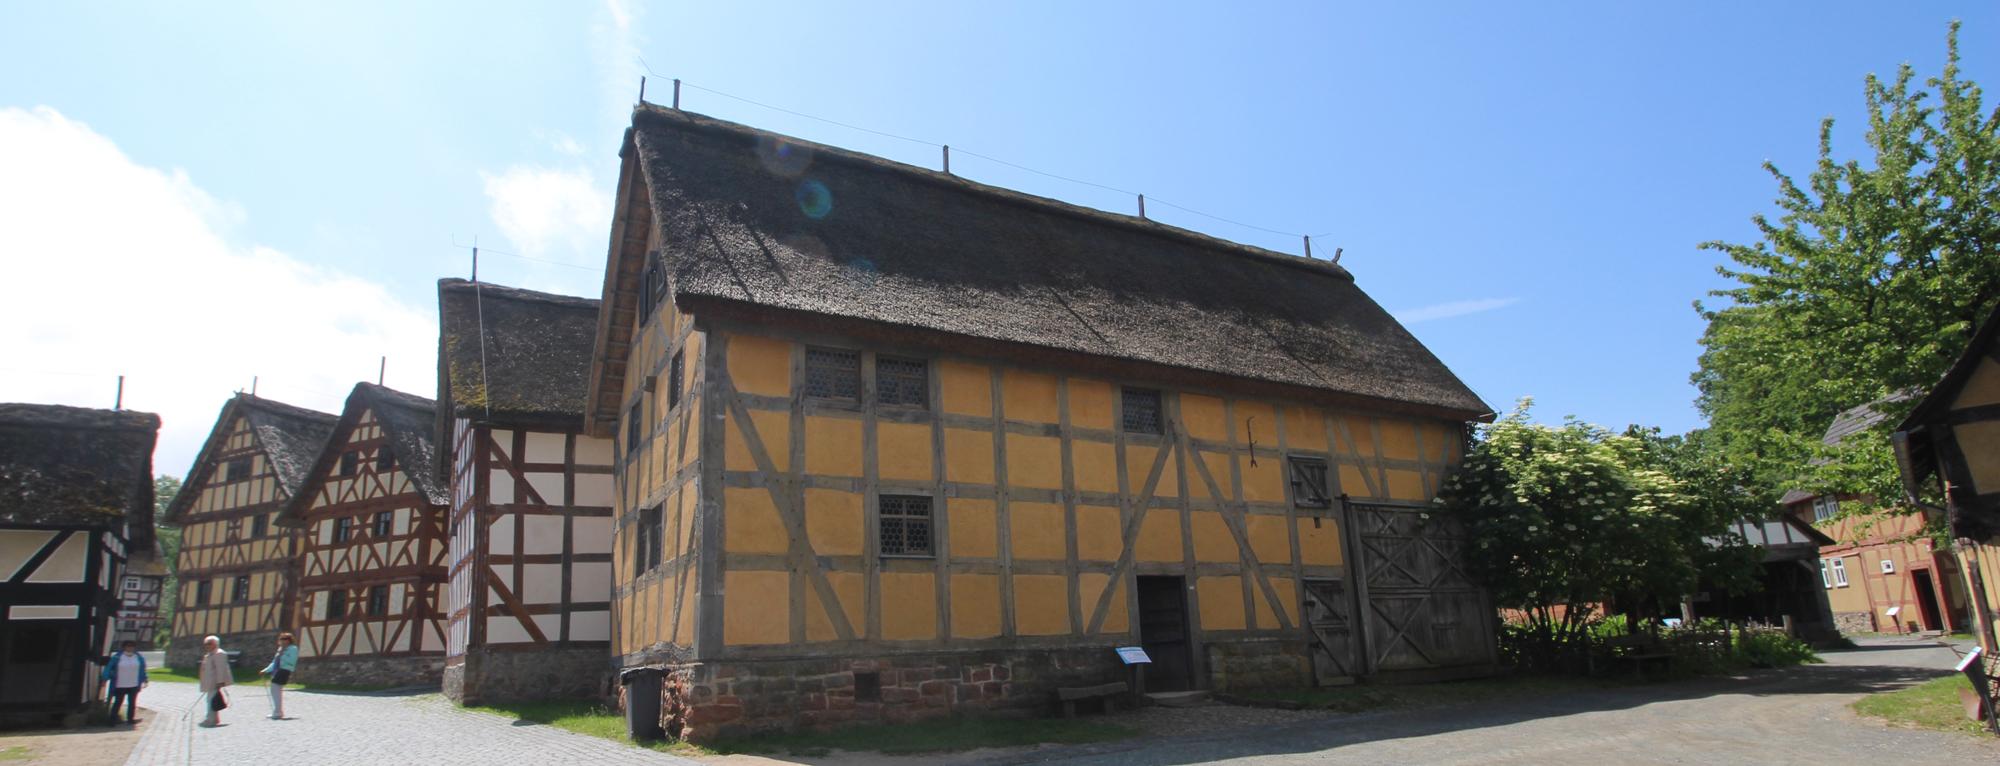 House from Heskem